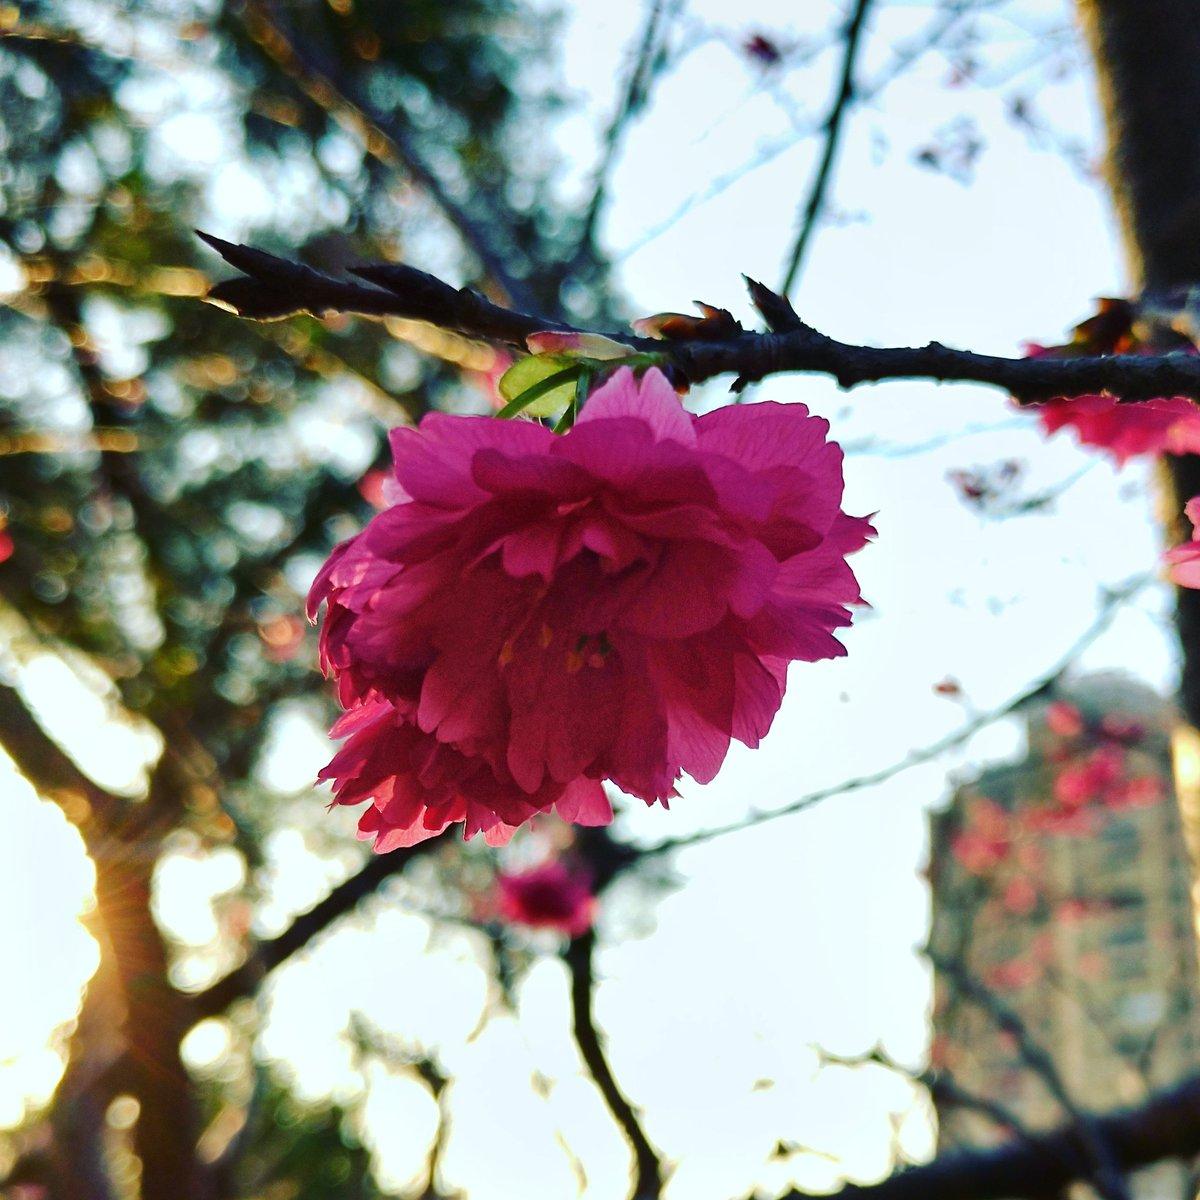 夕陽下拍的花 🌸 The flower under the setting sun #台灣 #新竹 #花 #Taiwan #Hsiunch #Flowers #台湾 #はな